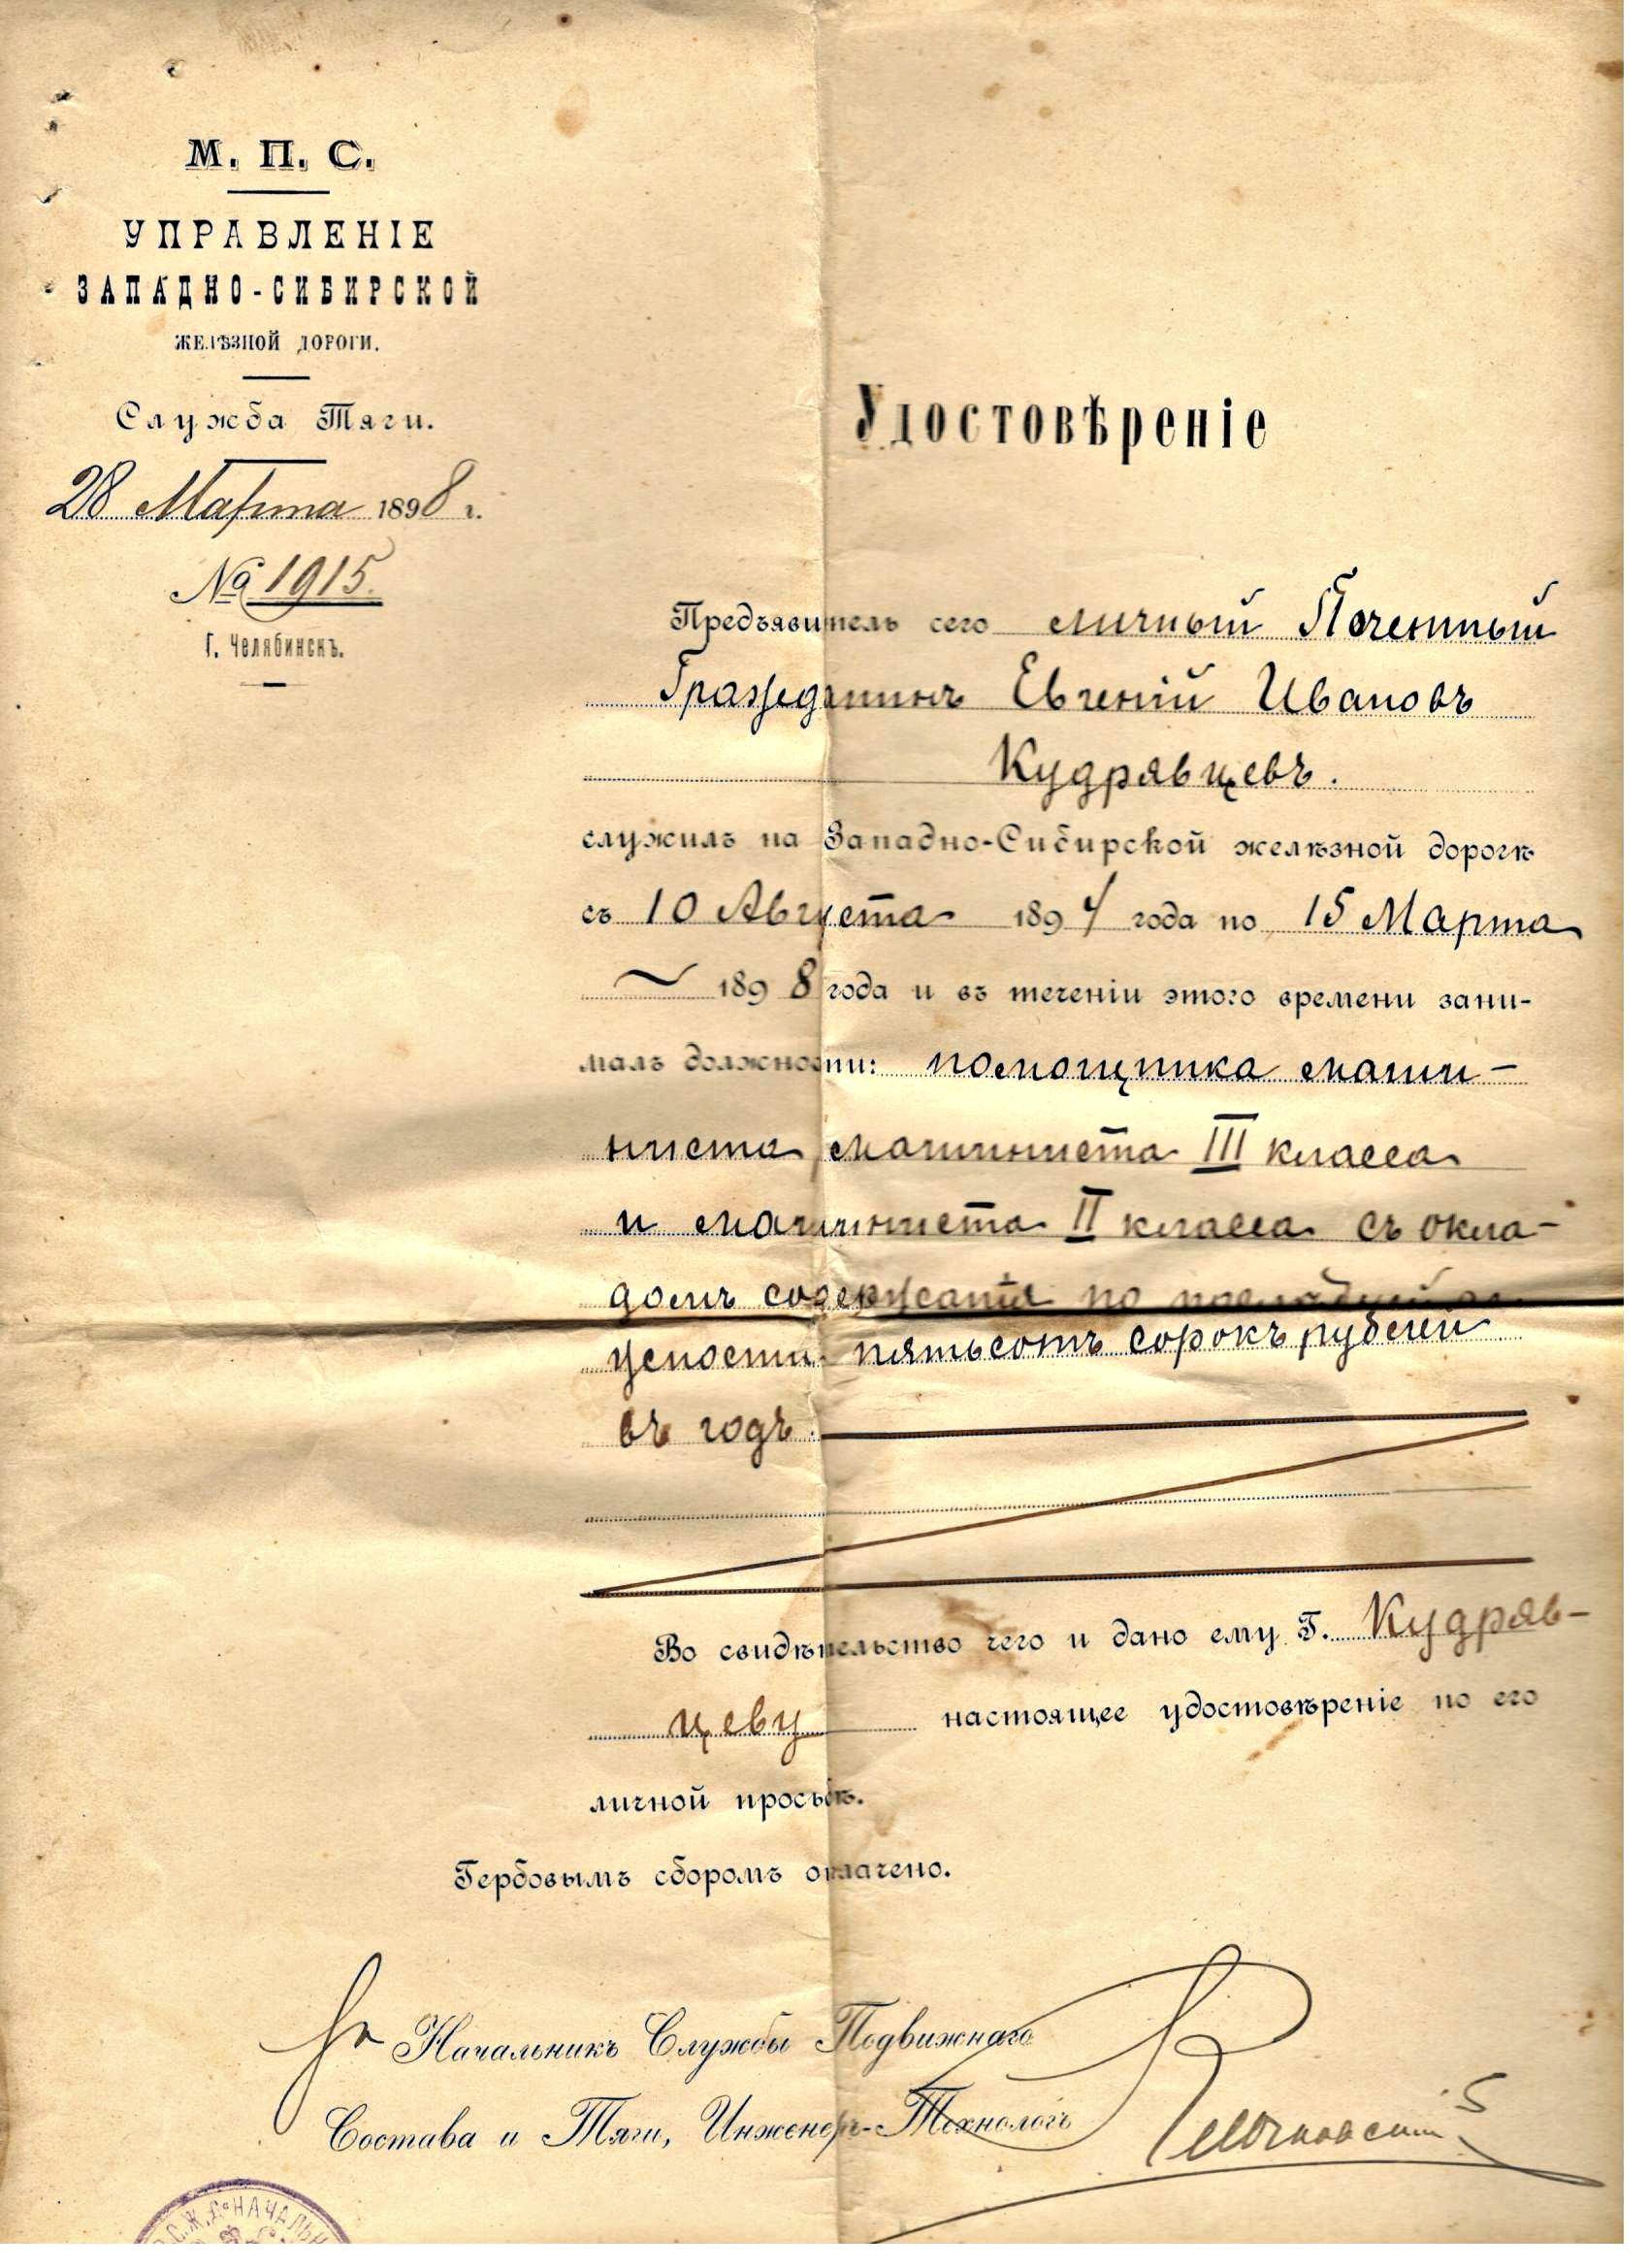 Удостоверение, выданное личному почётному гражданину Челябинска Е.И. Кудрявцеву, подтверждающее его работу на Западно-Сибирской железной дороге, из личного архива Т.А. Самородских